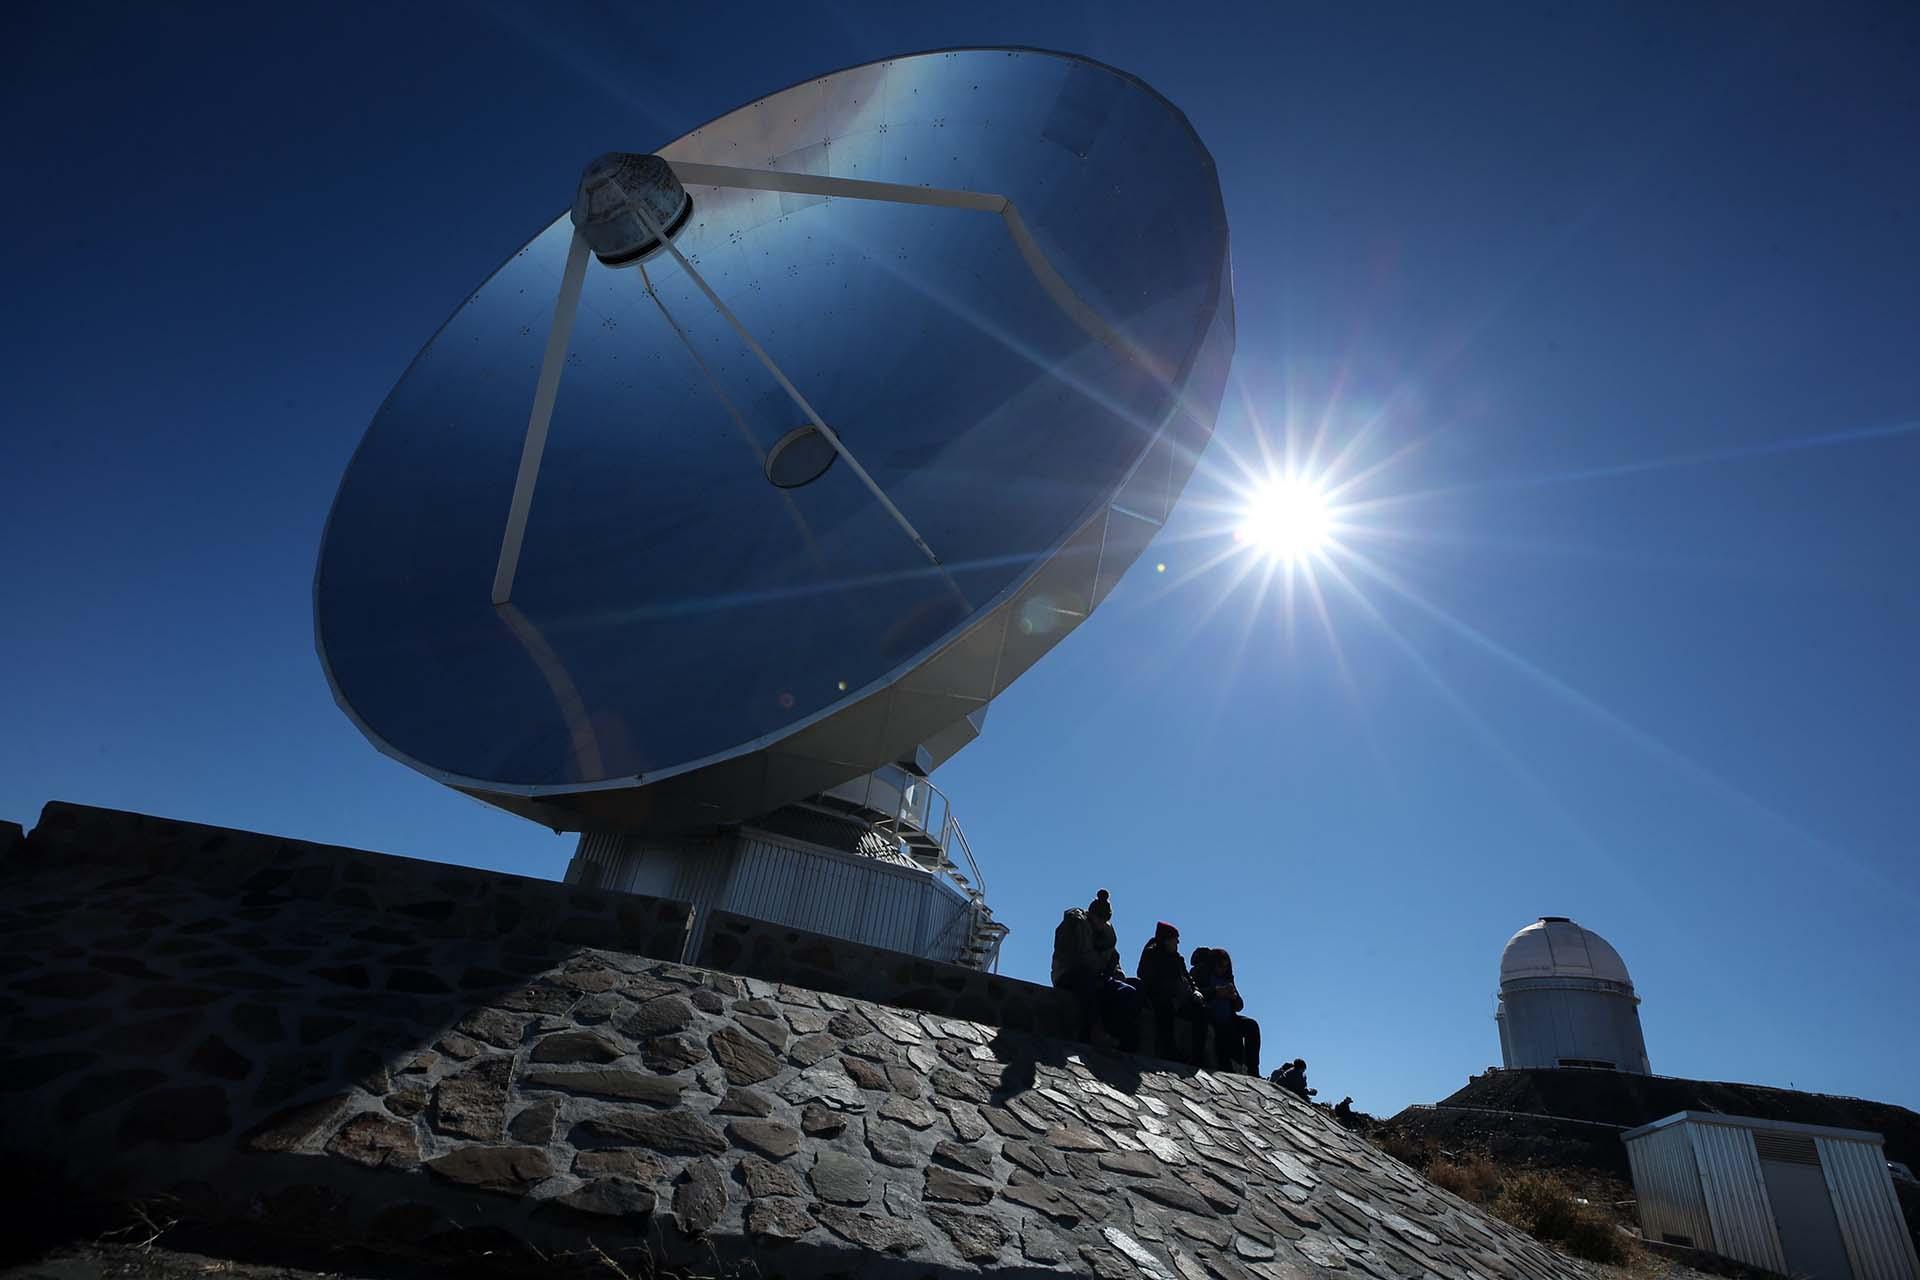 Personaslistaspara ver el eclipse solar total este martes en el Observatorio de La Silla, situado en la región de Coquimbo, Chile (EFE/Alberto Valdés)